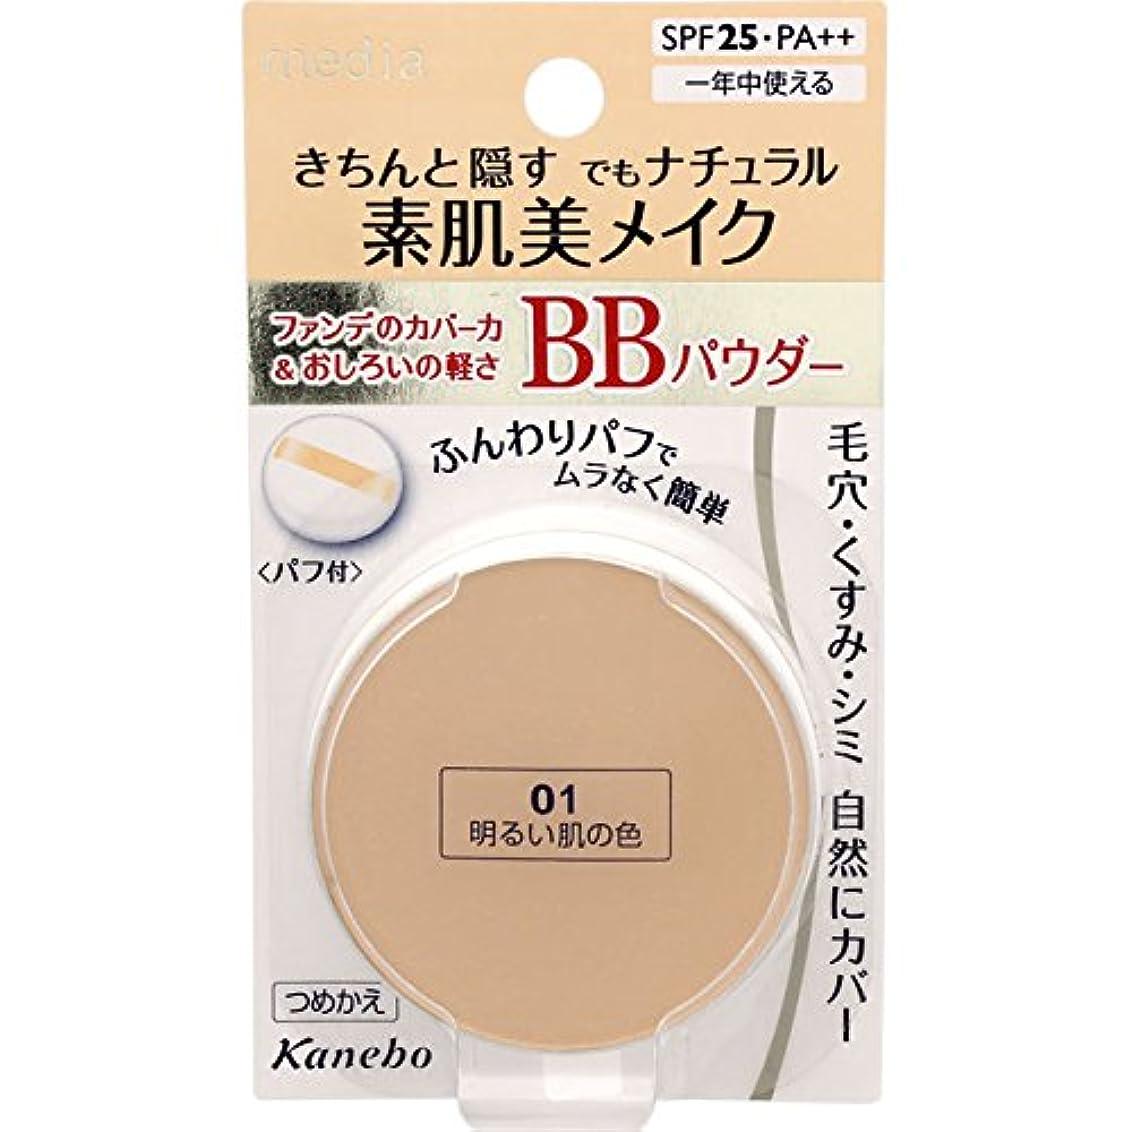 晩餐オーナーそのメディアBBパウダー01(明るい肌の色)×3